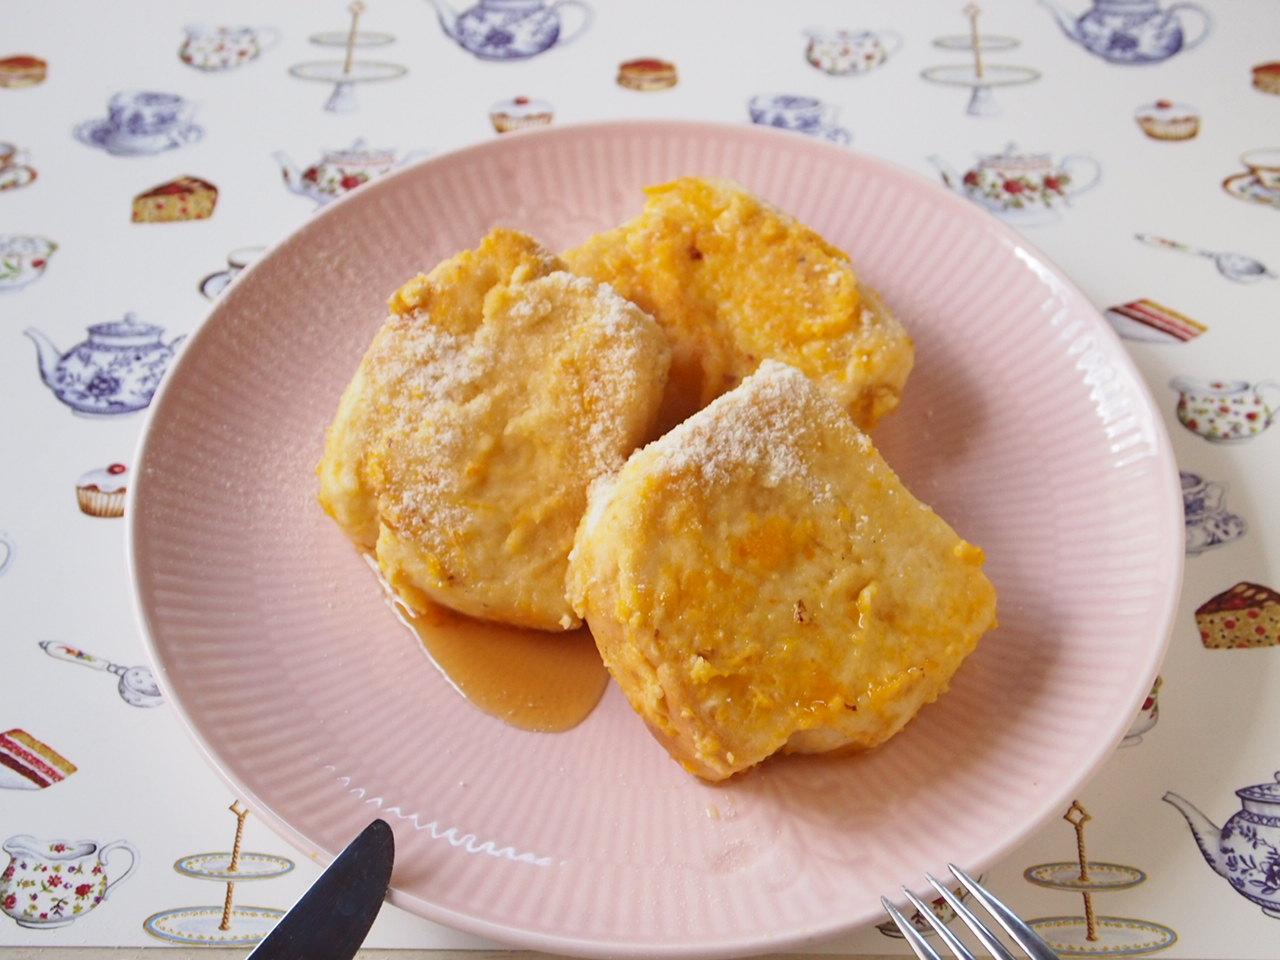 米粉のもっちりフレンチトースト【卵・乳製品・小麦・ナッツ不使用】レシピ